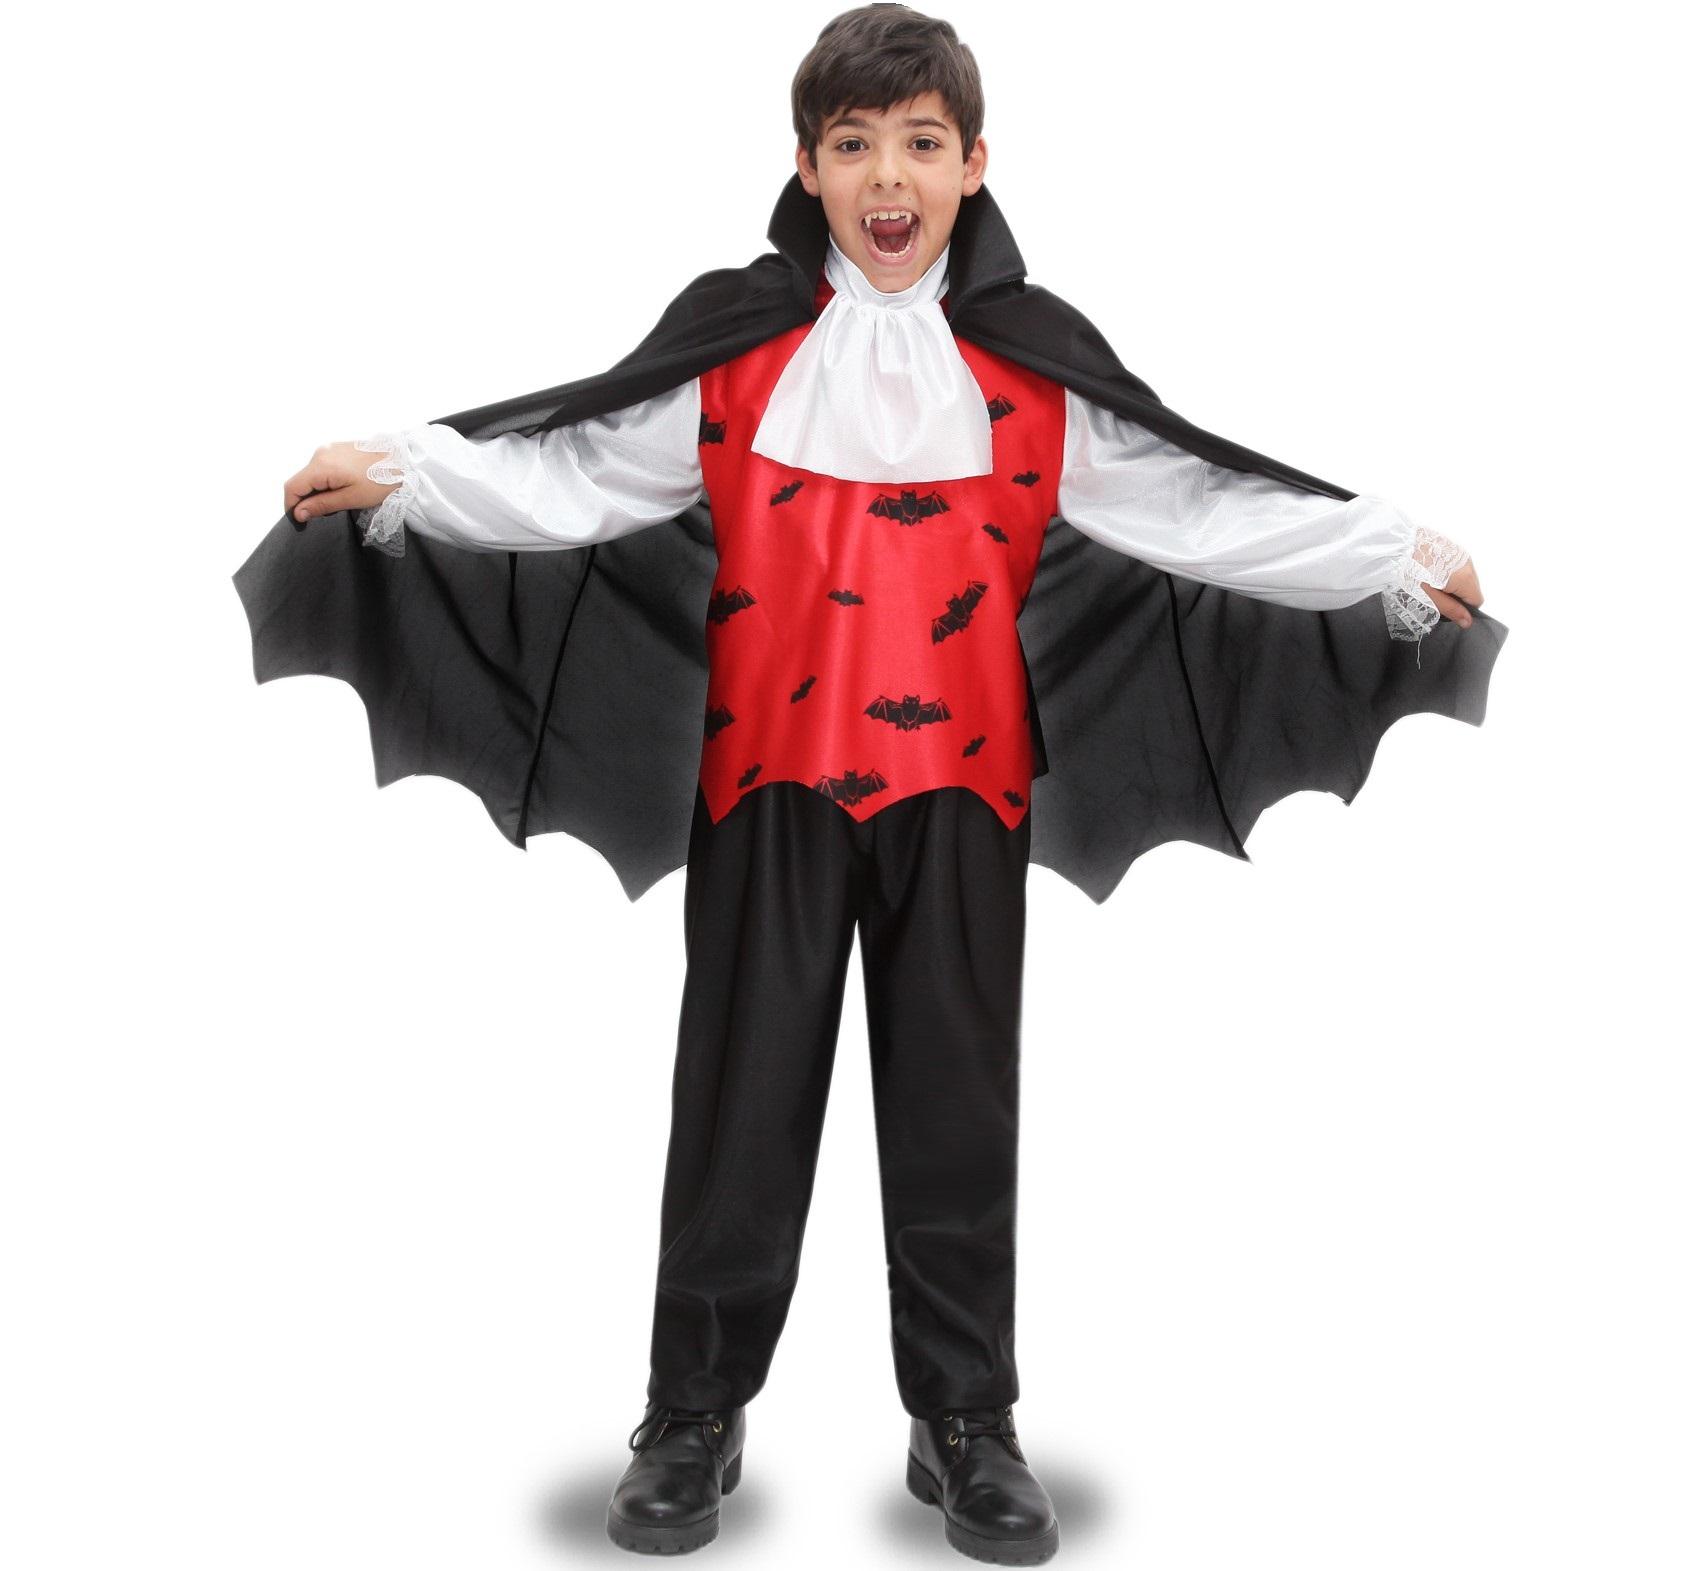 Costumi Halloween Neonati Vendita.Vestito Costume Maschera Di Carnevale Halloween Bambino Conte Dracula P Ebay